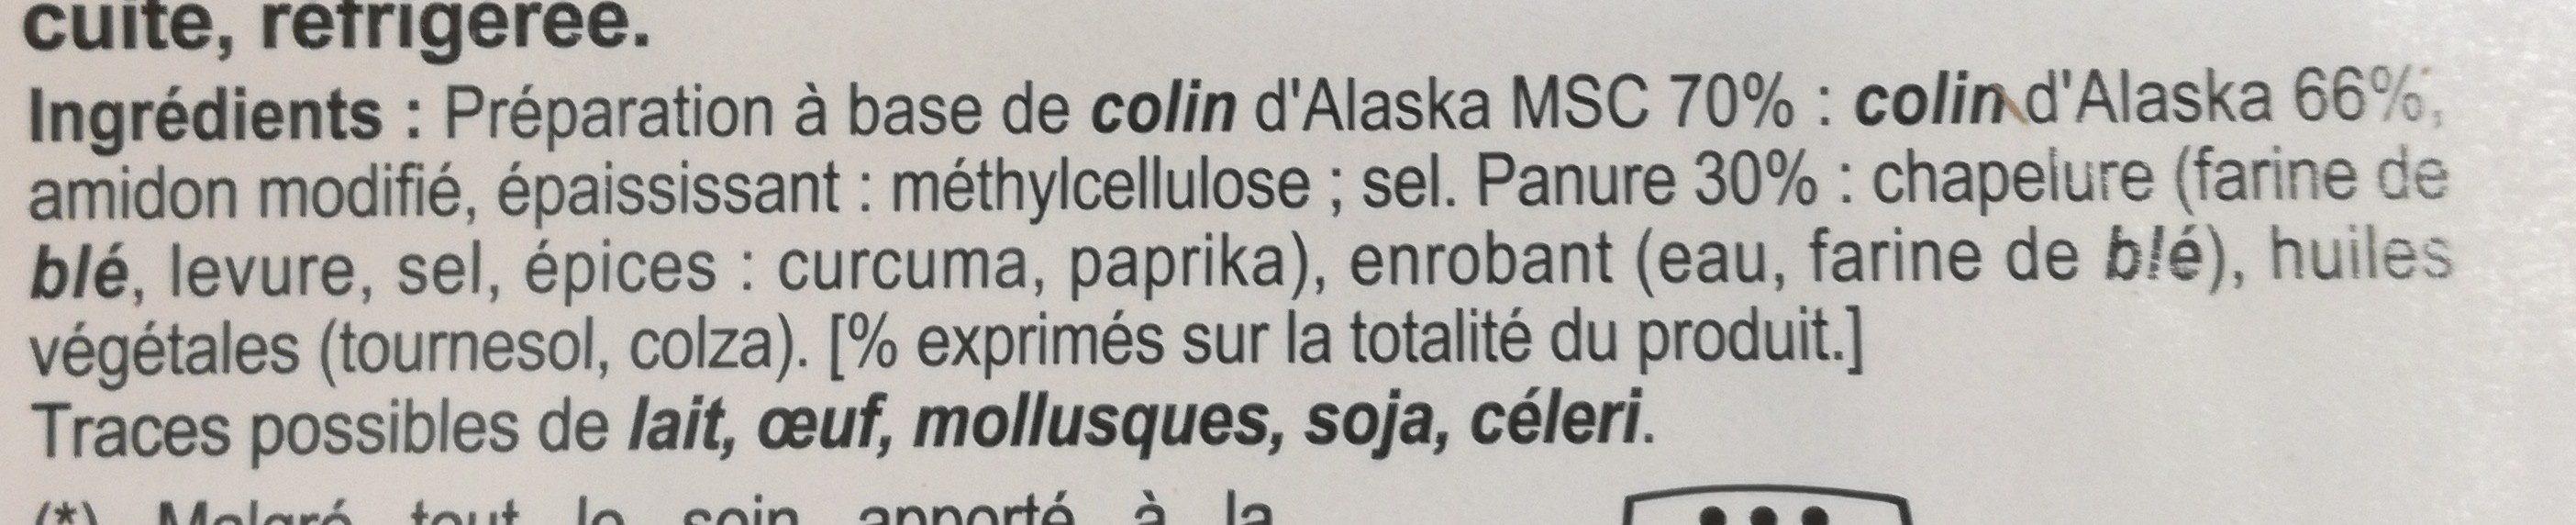 Panés au Colin d'alaska sans arêtes - Ingredients